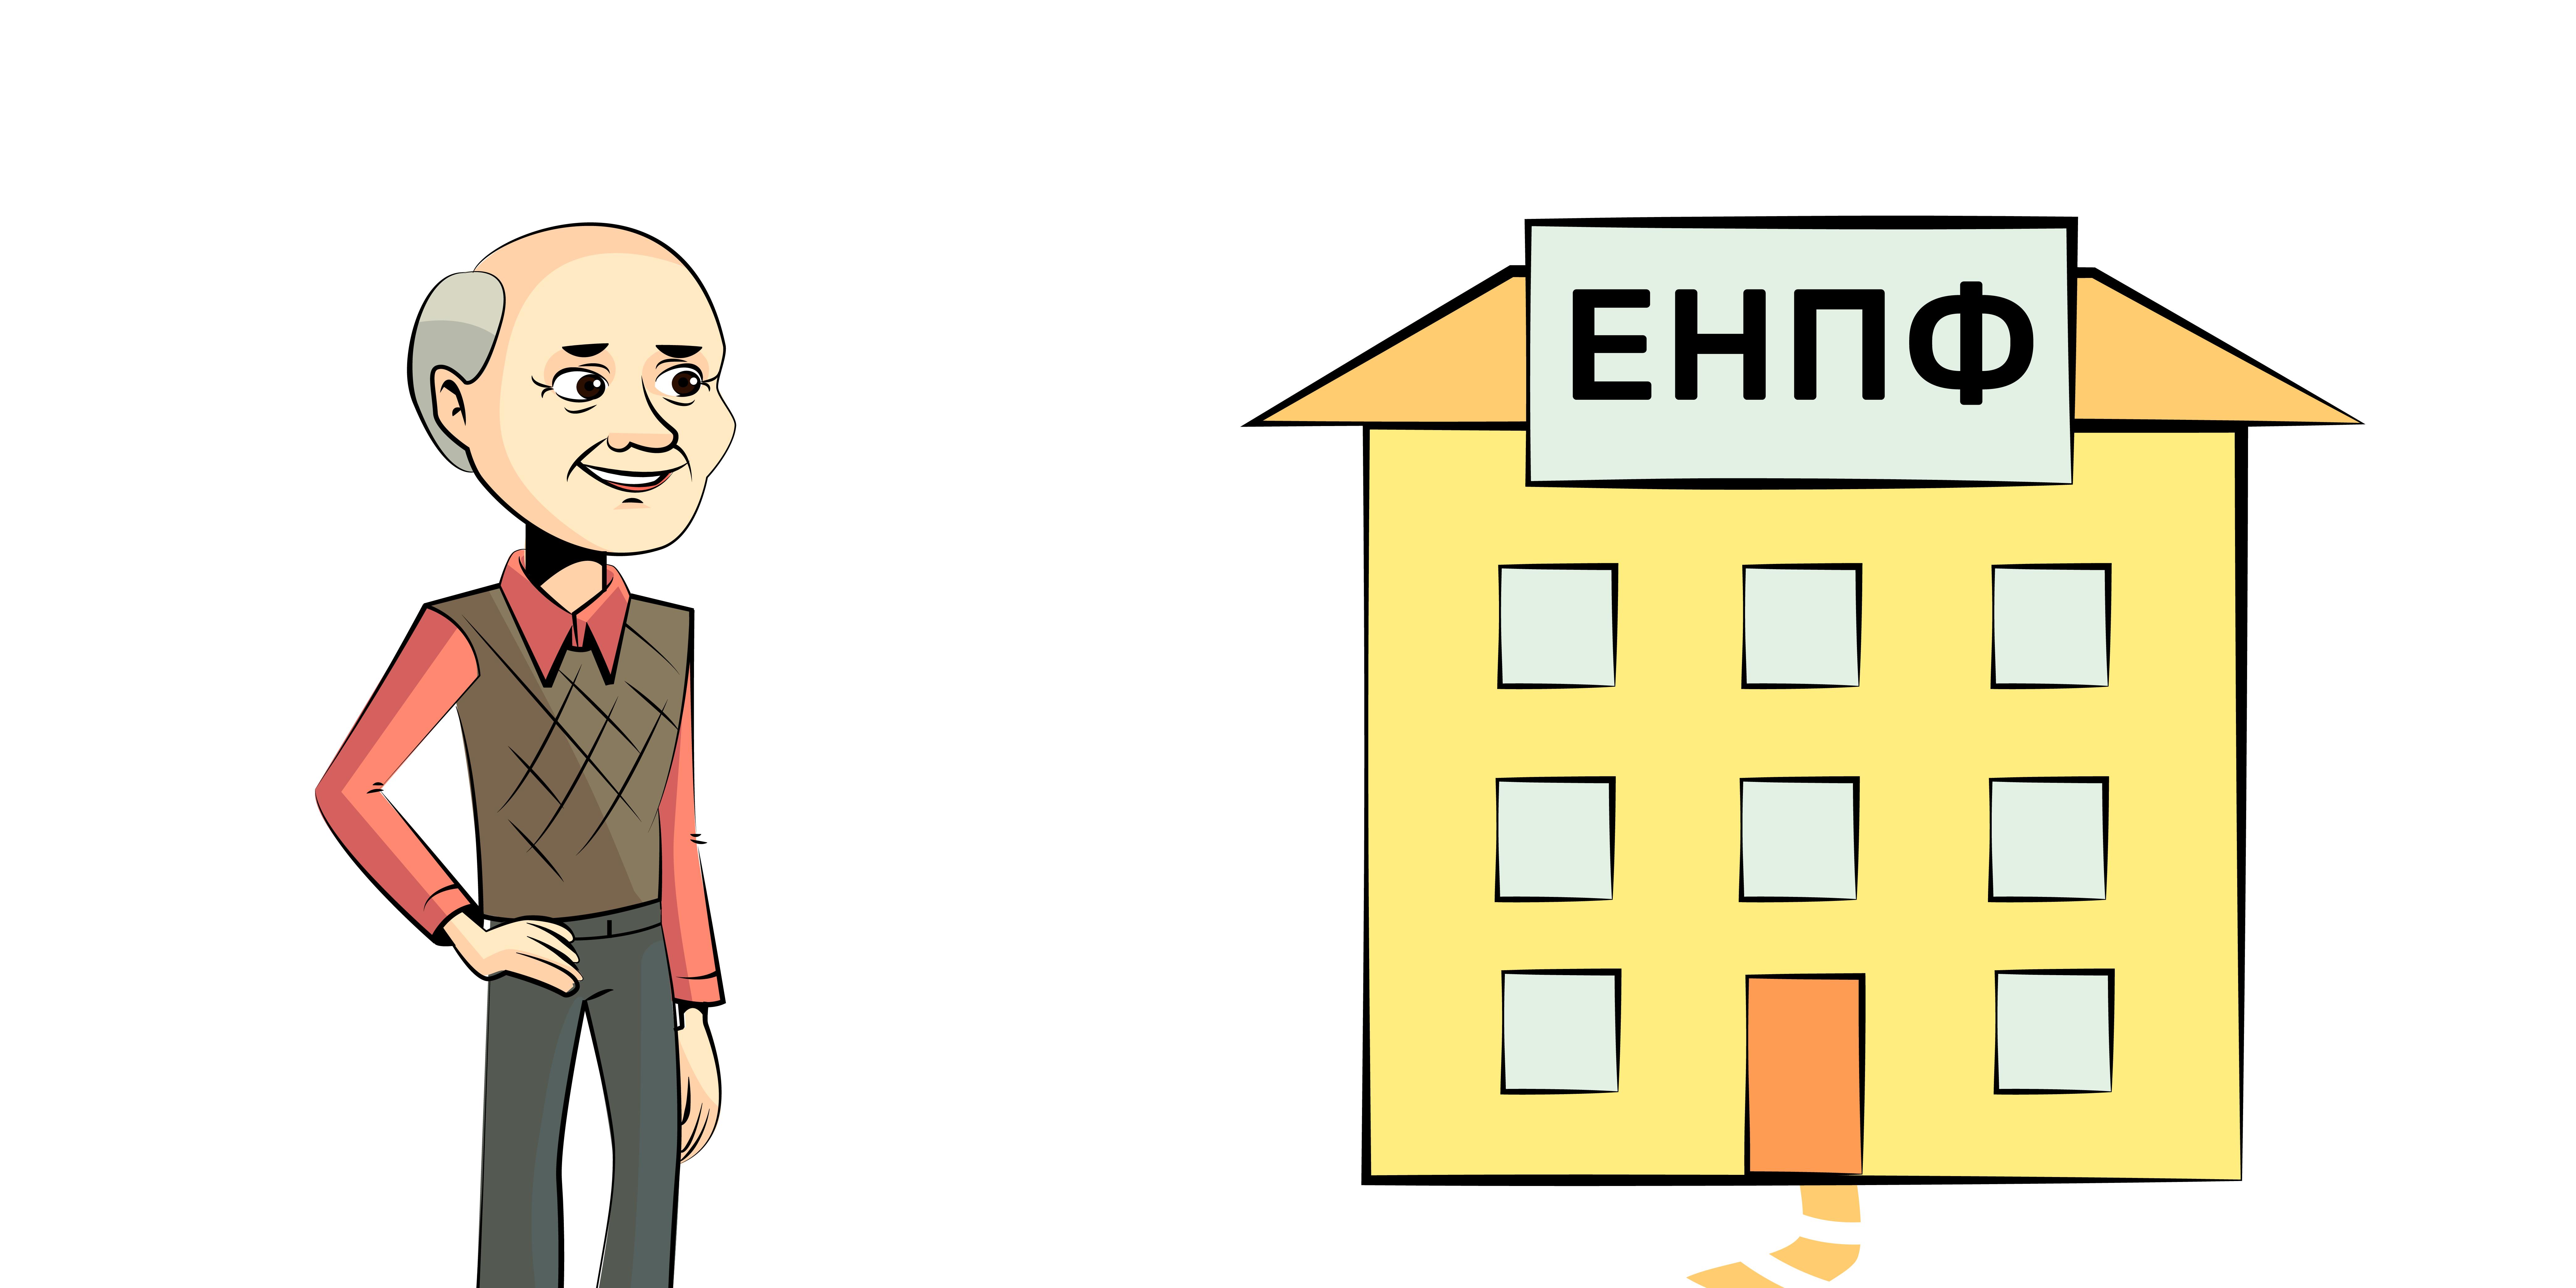 Утверждены Правила использования единовременных пенсионных выплат для улучшения жилищных условий